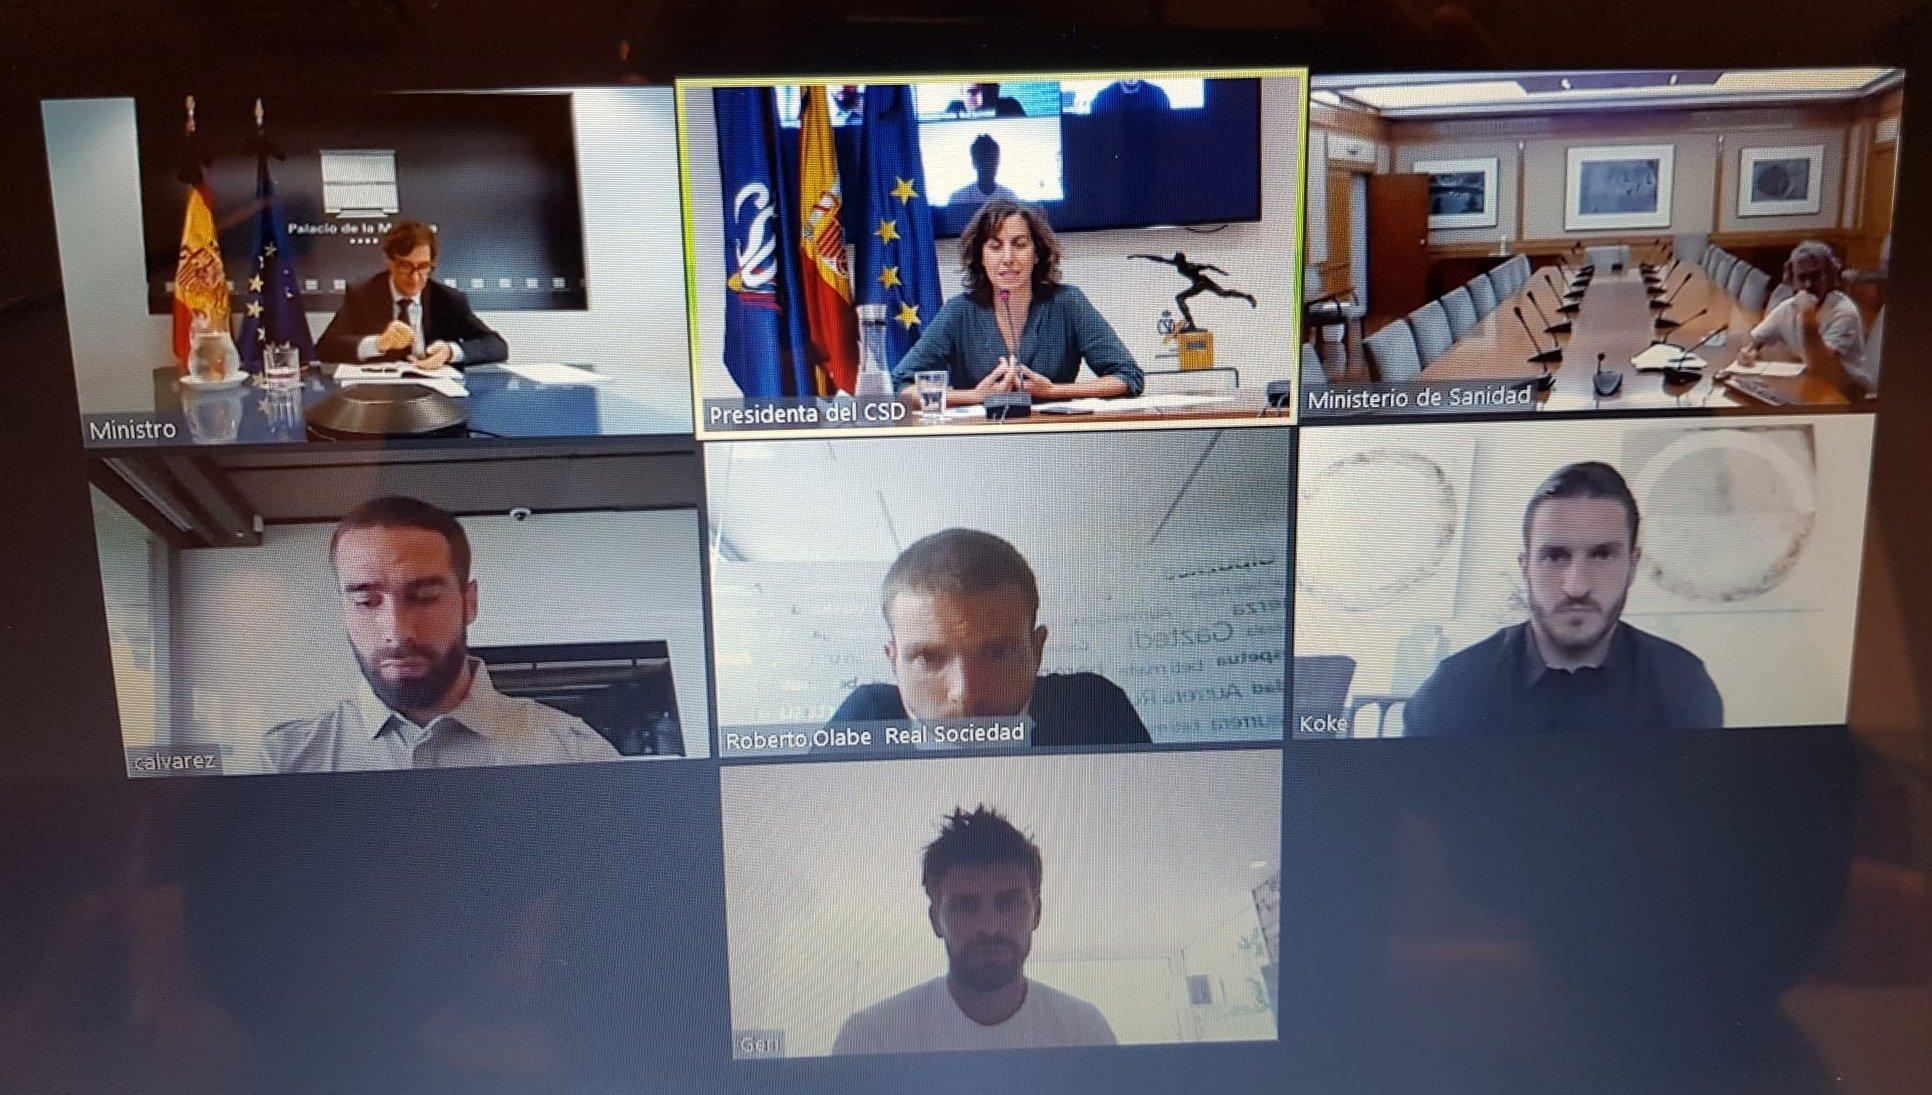 西班牙政府会见皮克等4位西甲队长,感谢球员们的责任感